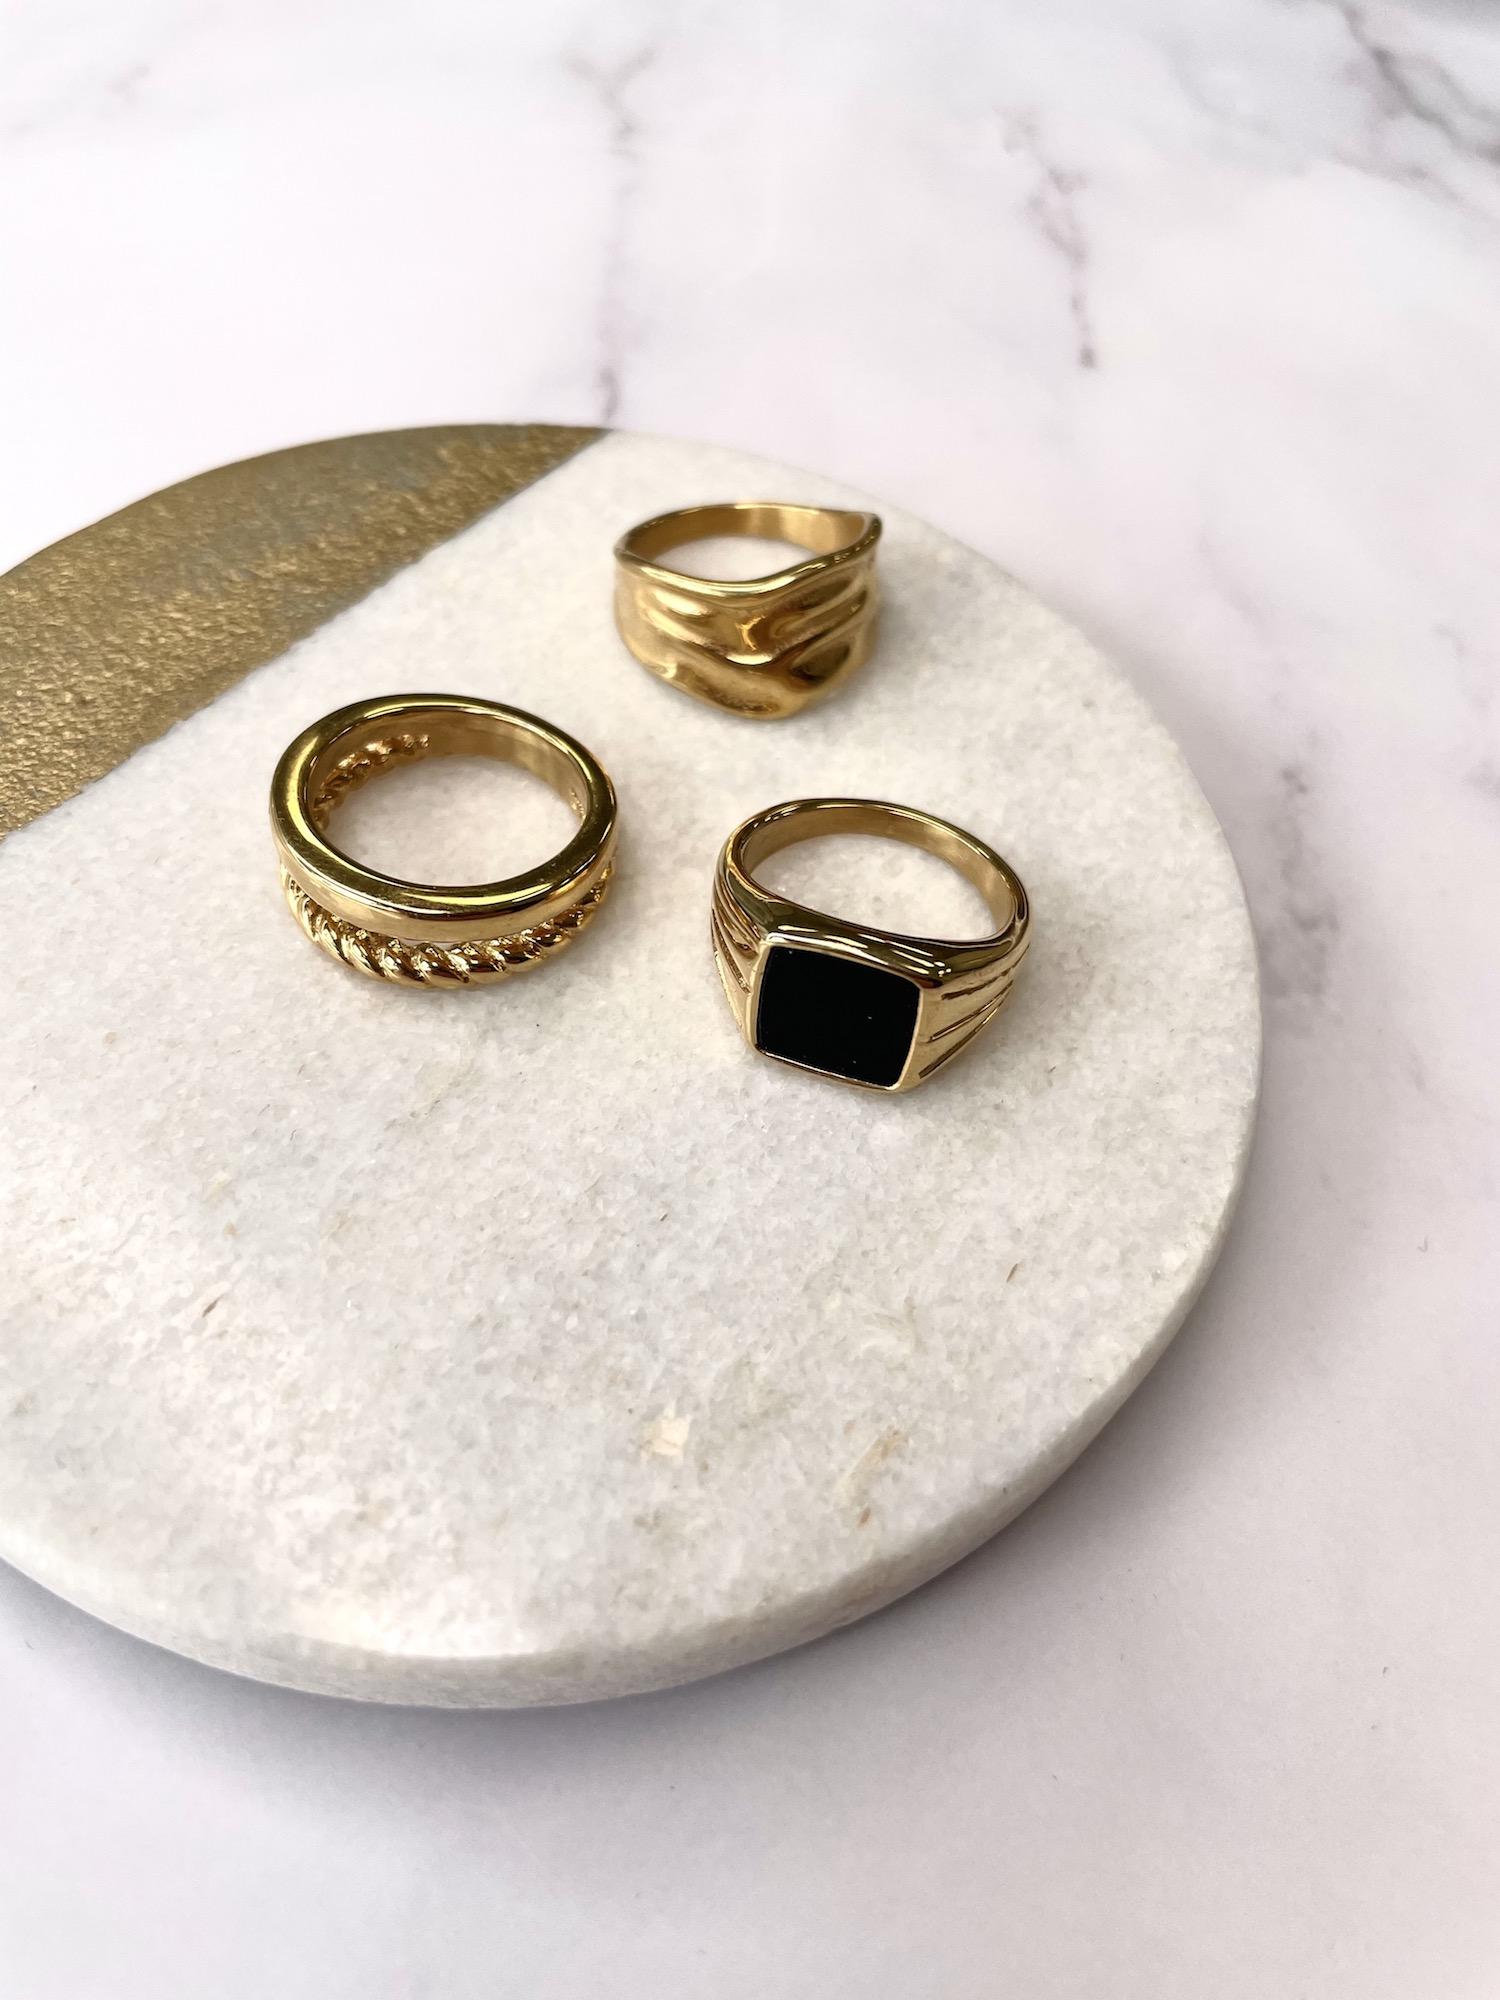 Mooie gouden chunky ringen op een marmeren achtergrond